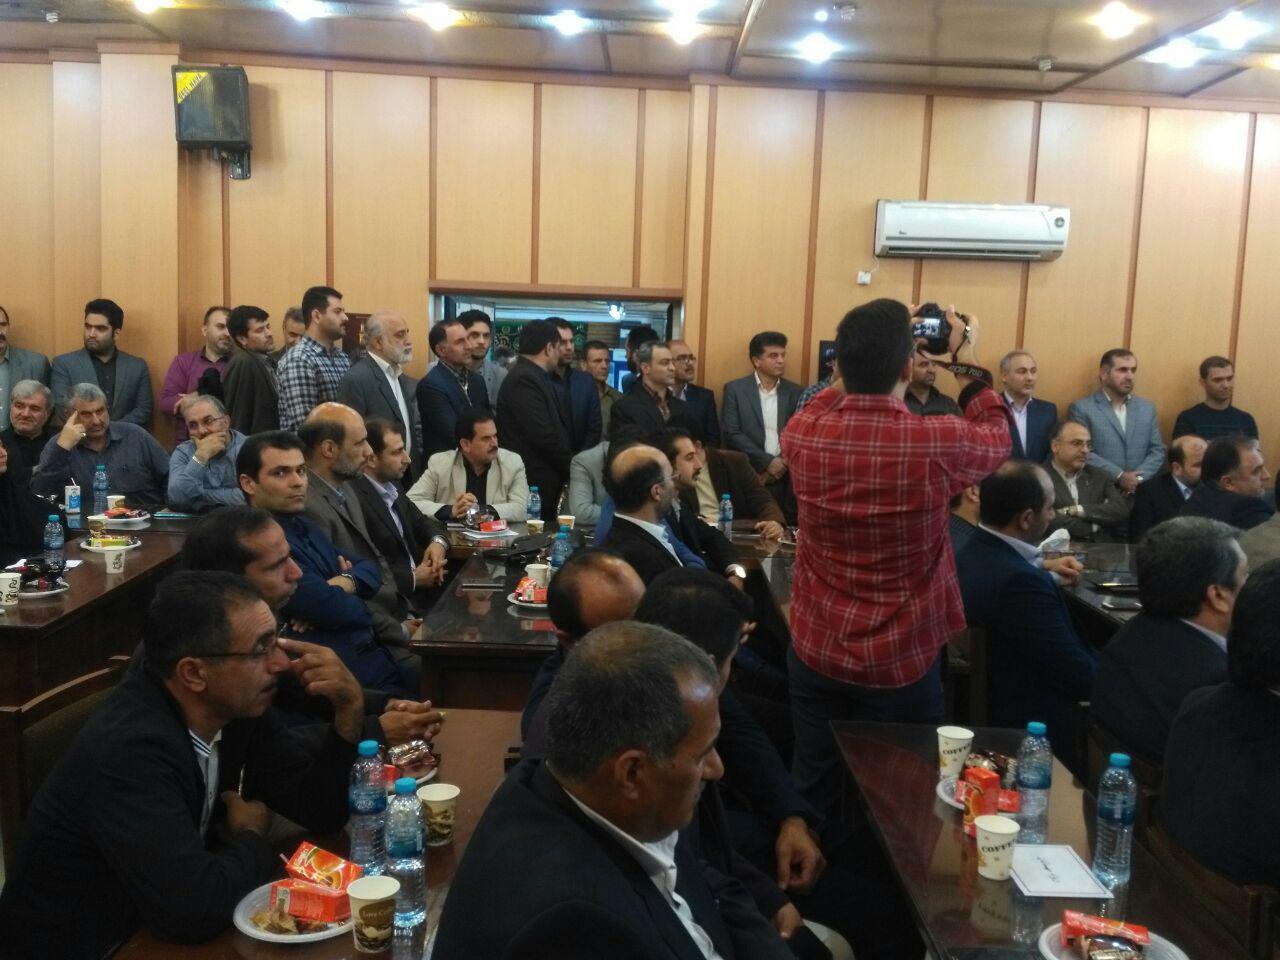 ازدحام جمعیت معارفه رییس سازمان صنعت گیلان مهر 96